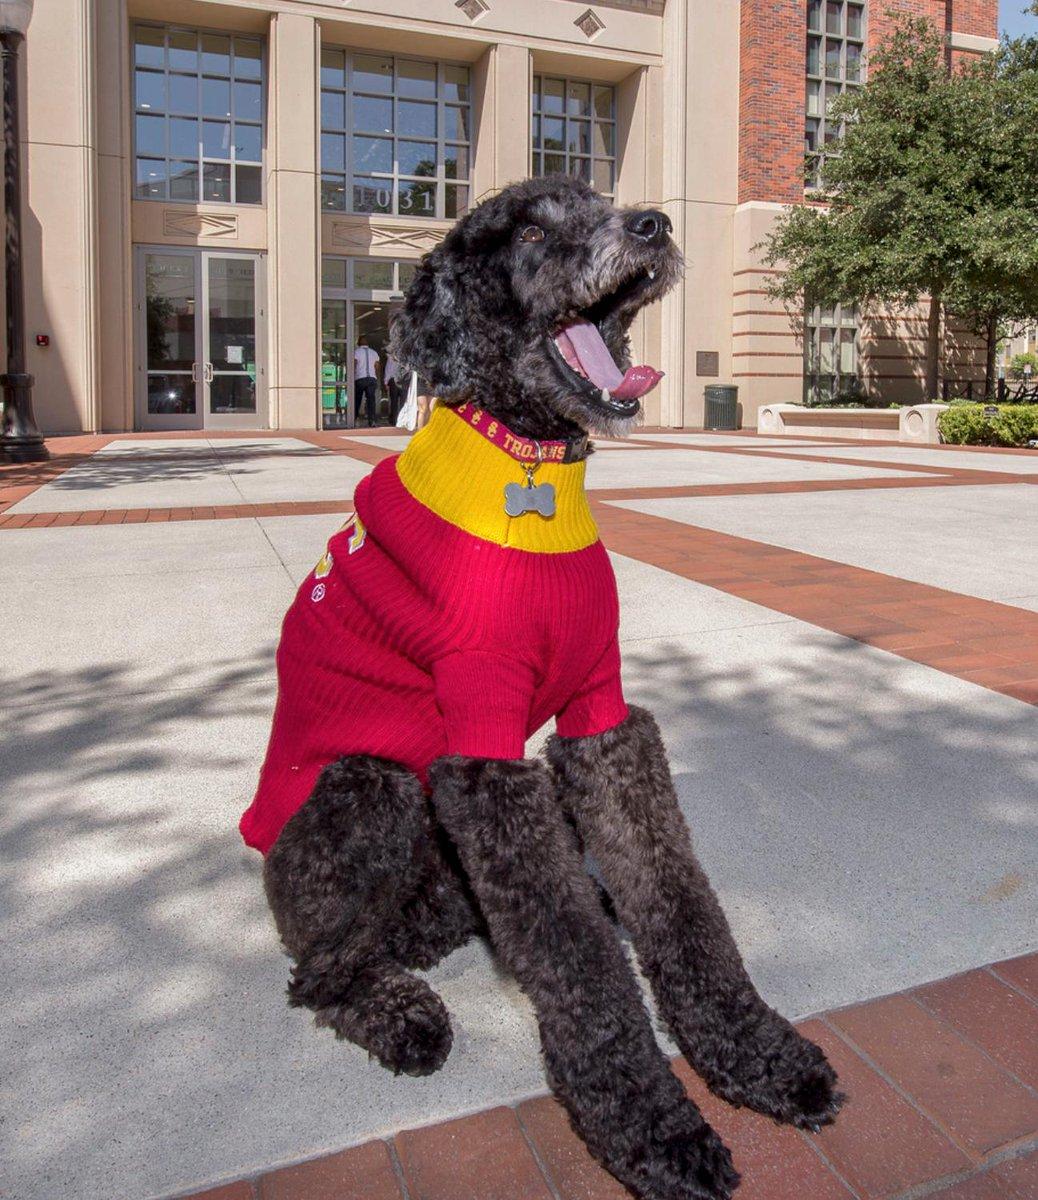 Professor Beau is our official wellness dog! https://t.co/TJbZ88HNGu